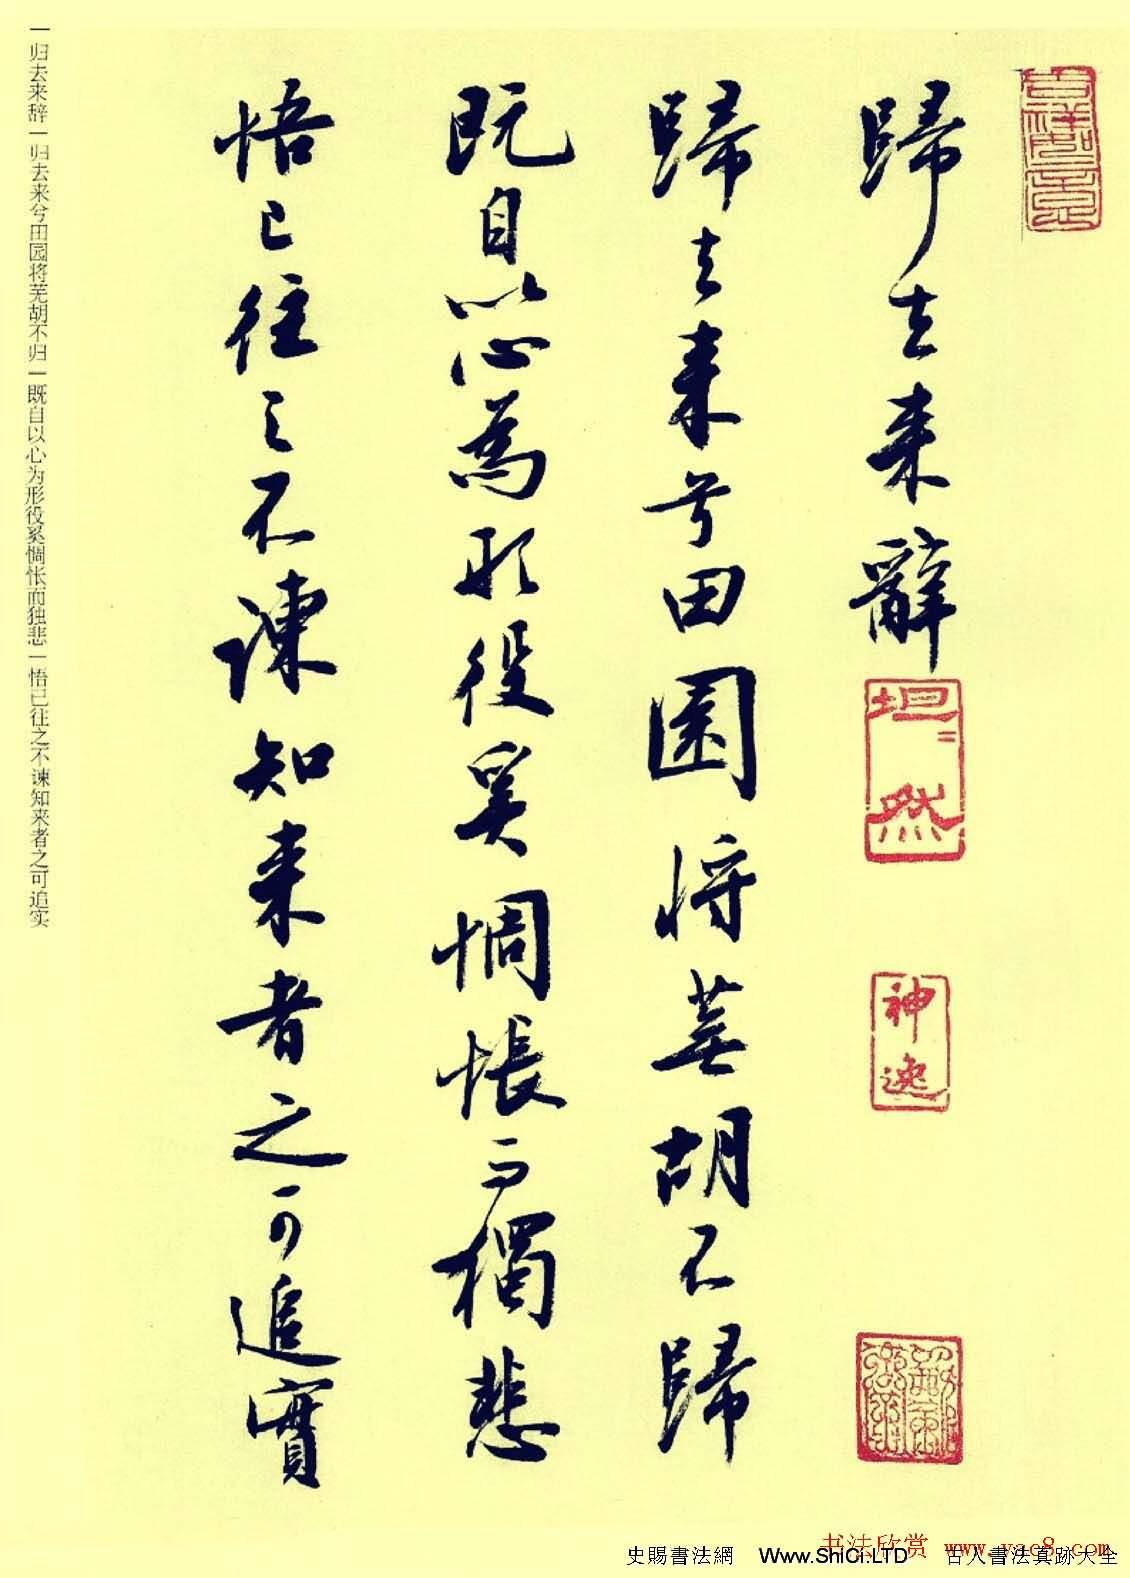 劉小晴行書《歸去來辭》和《桃花源記》(共14張圖片)